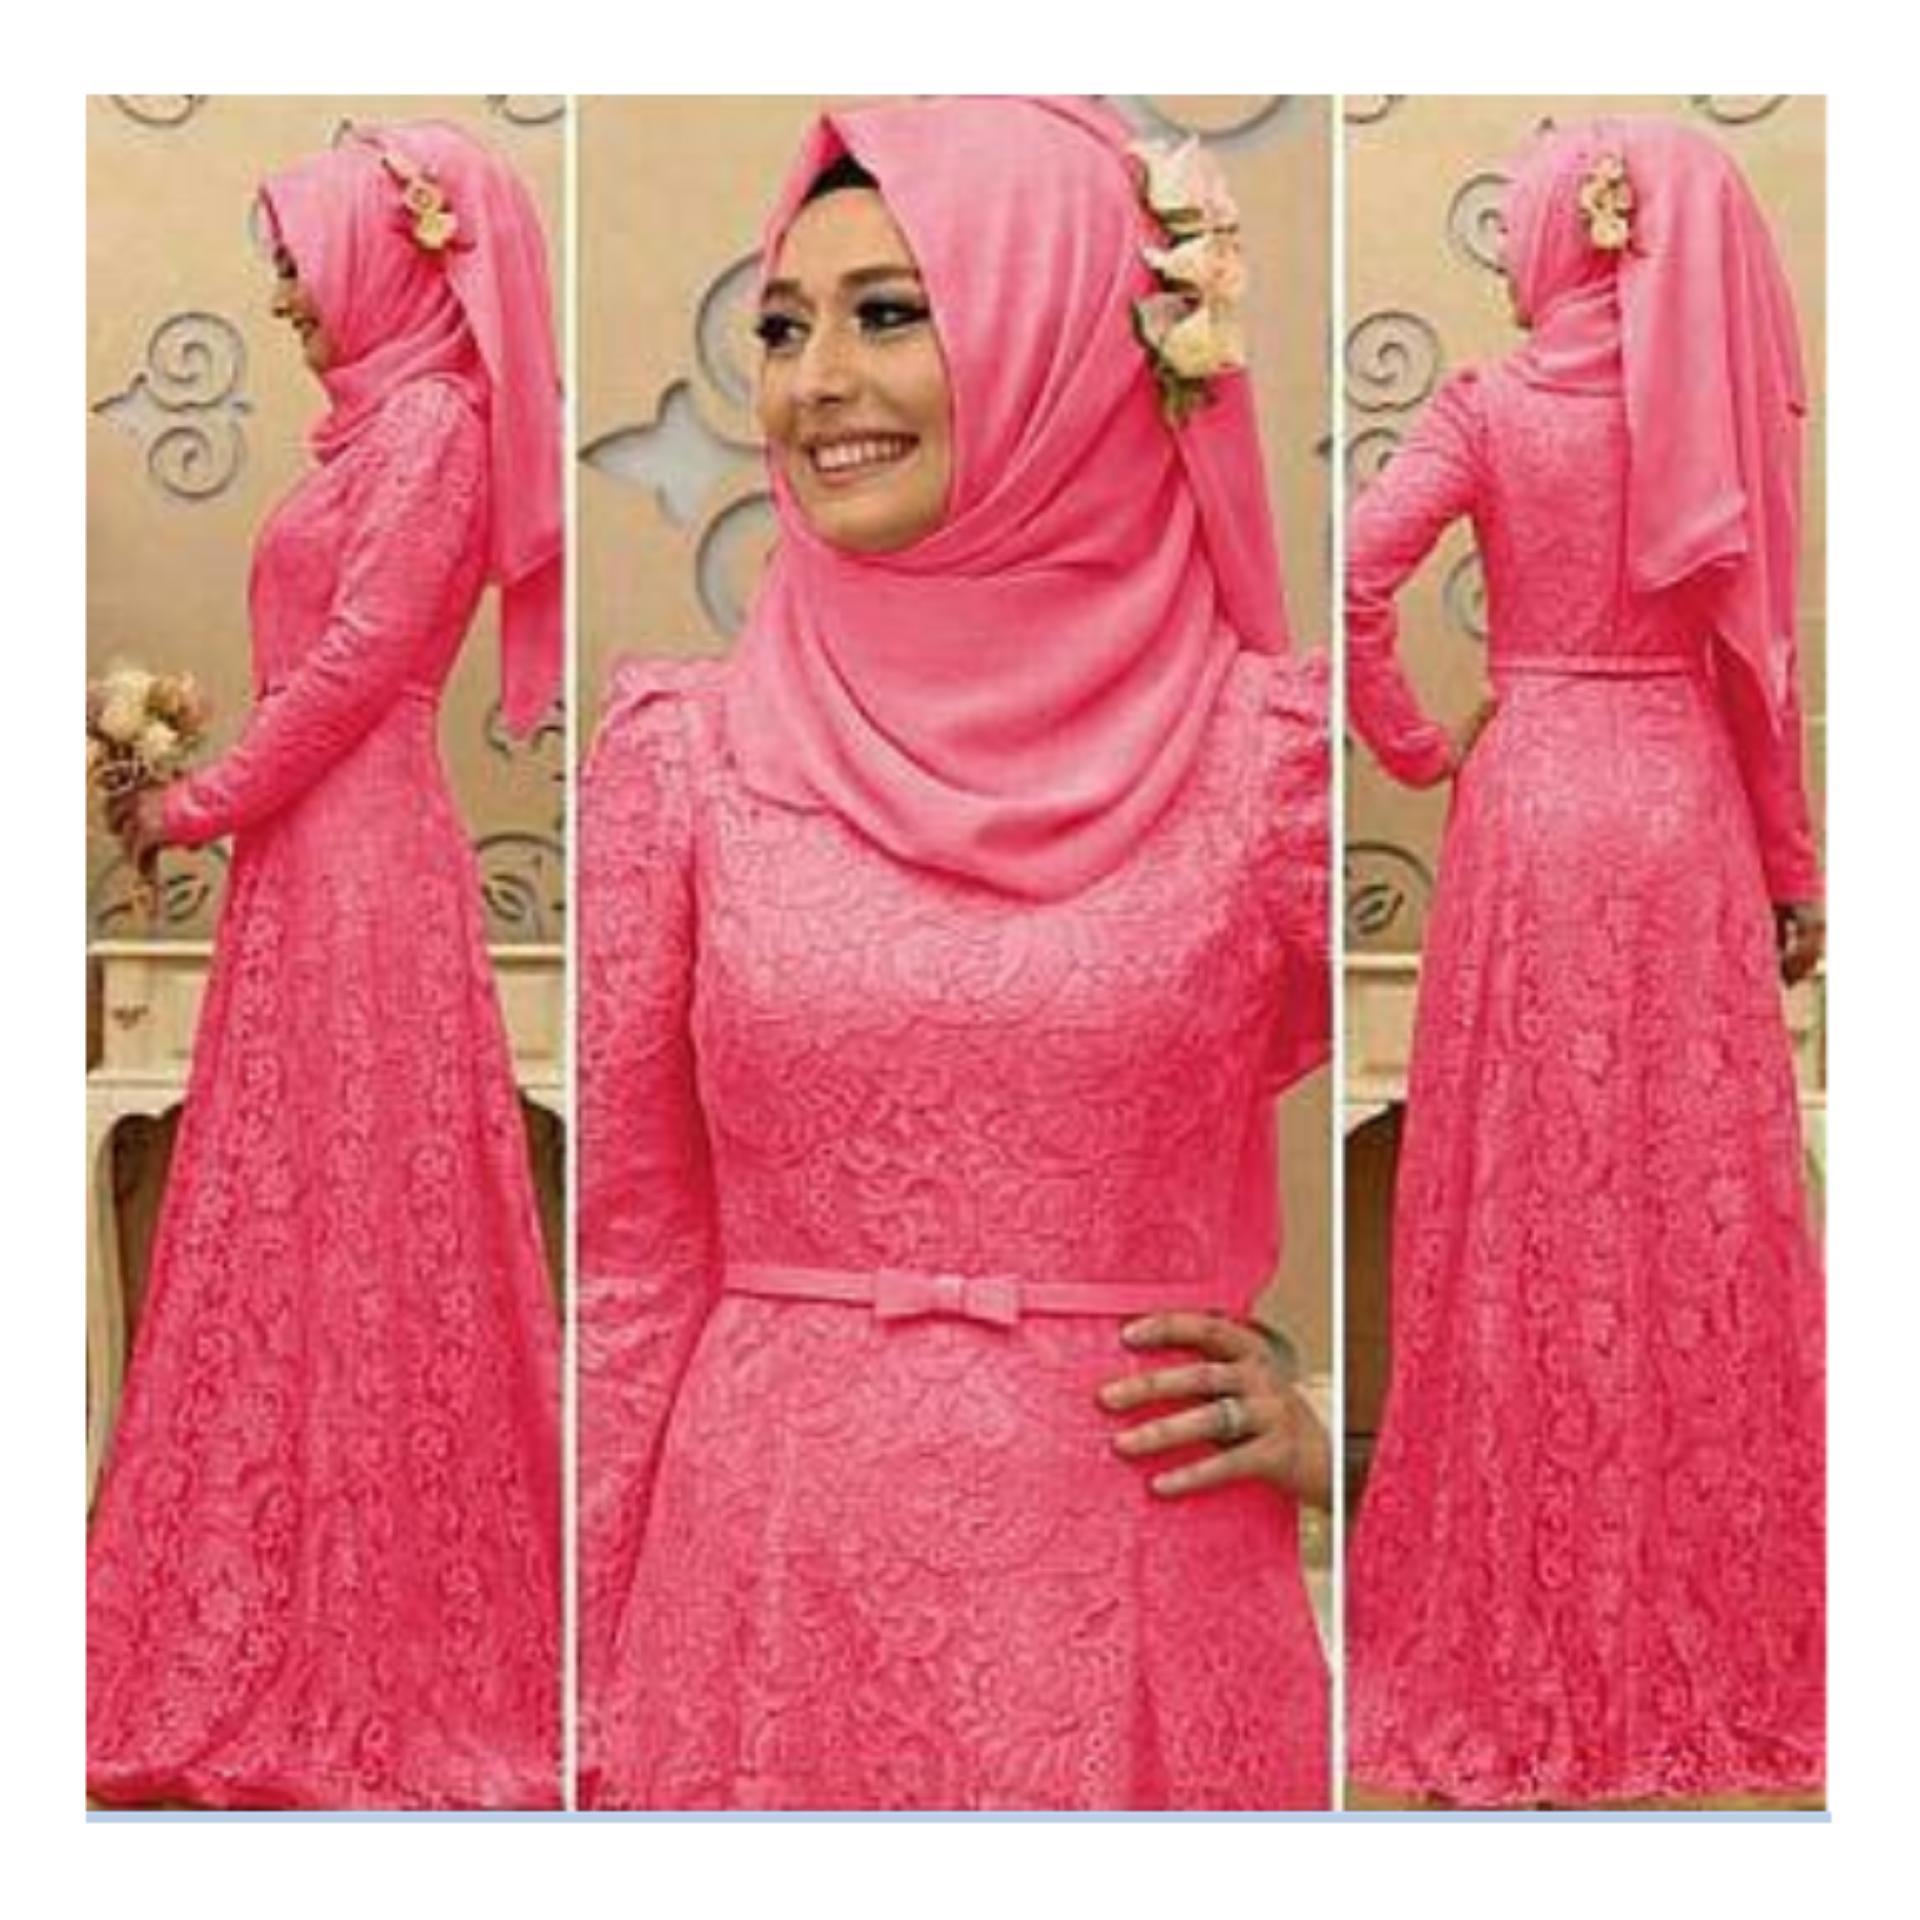 Jual Hijab Seikha Brukat Murah Garansi Dan Berkualitas Id Store Maxi Dress Rp 249900